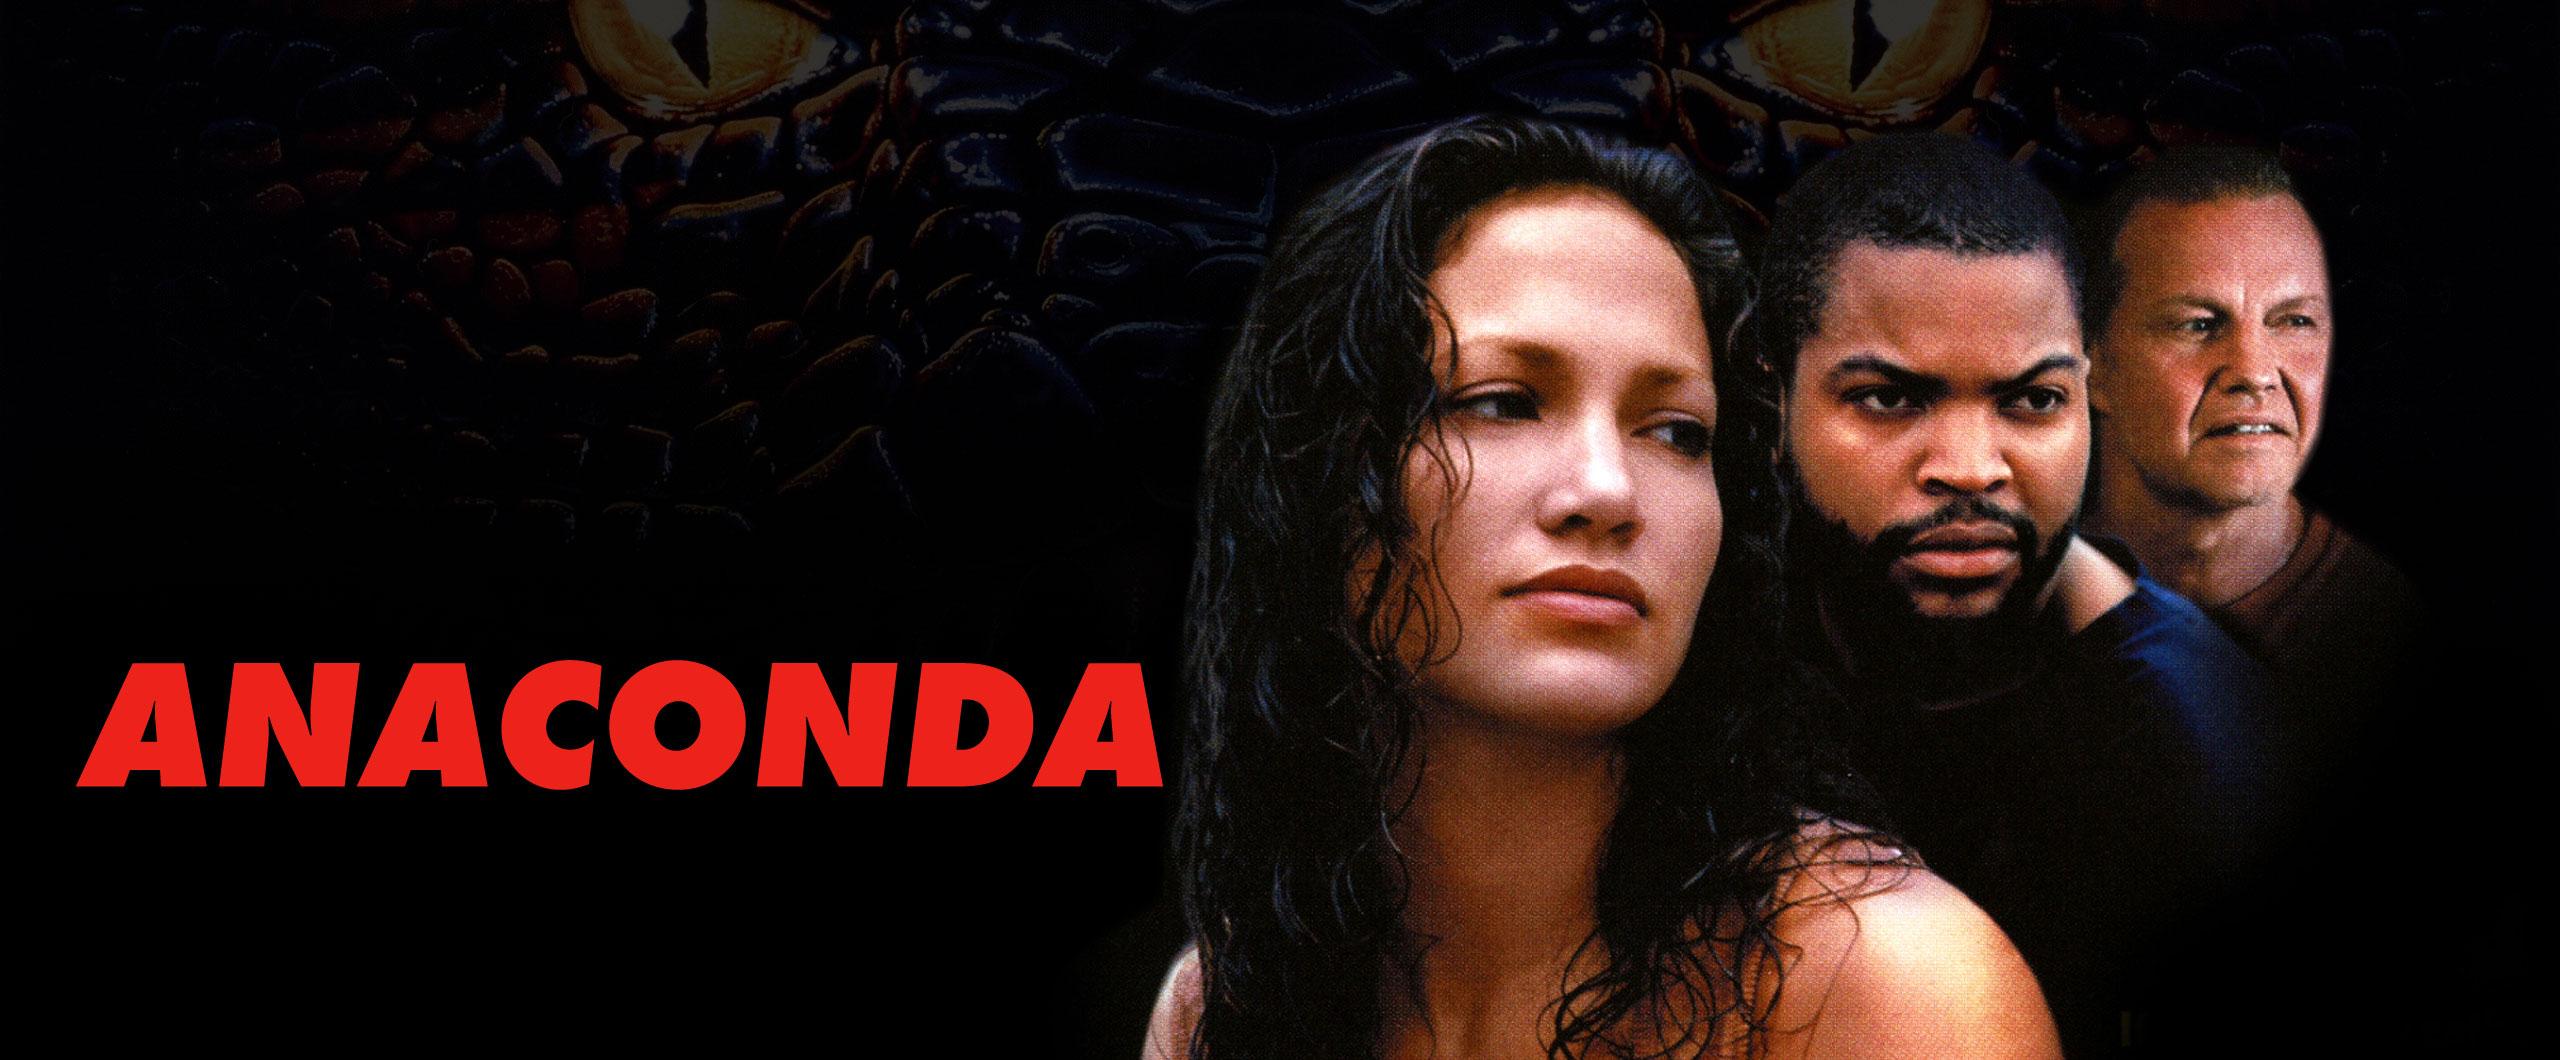 ANACONDA- Friday